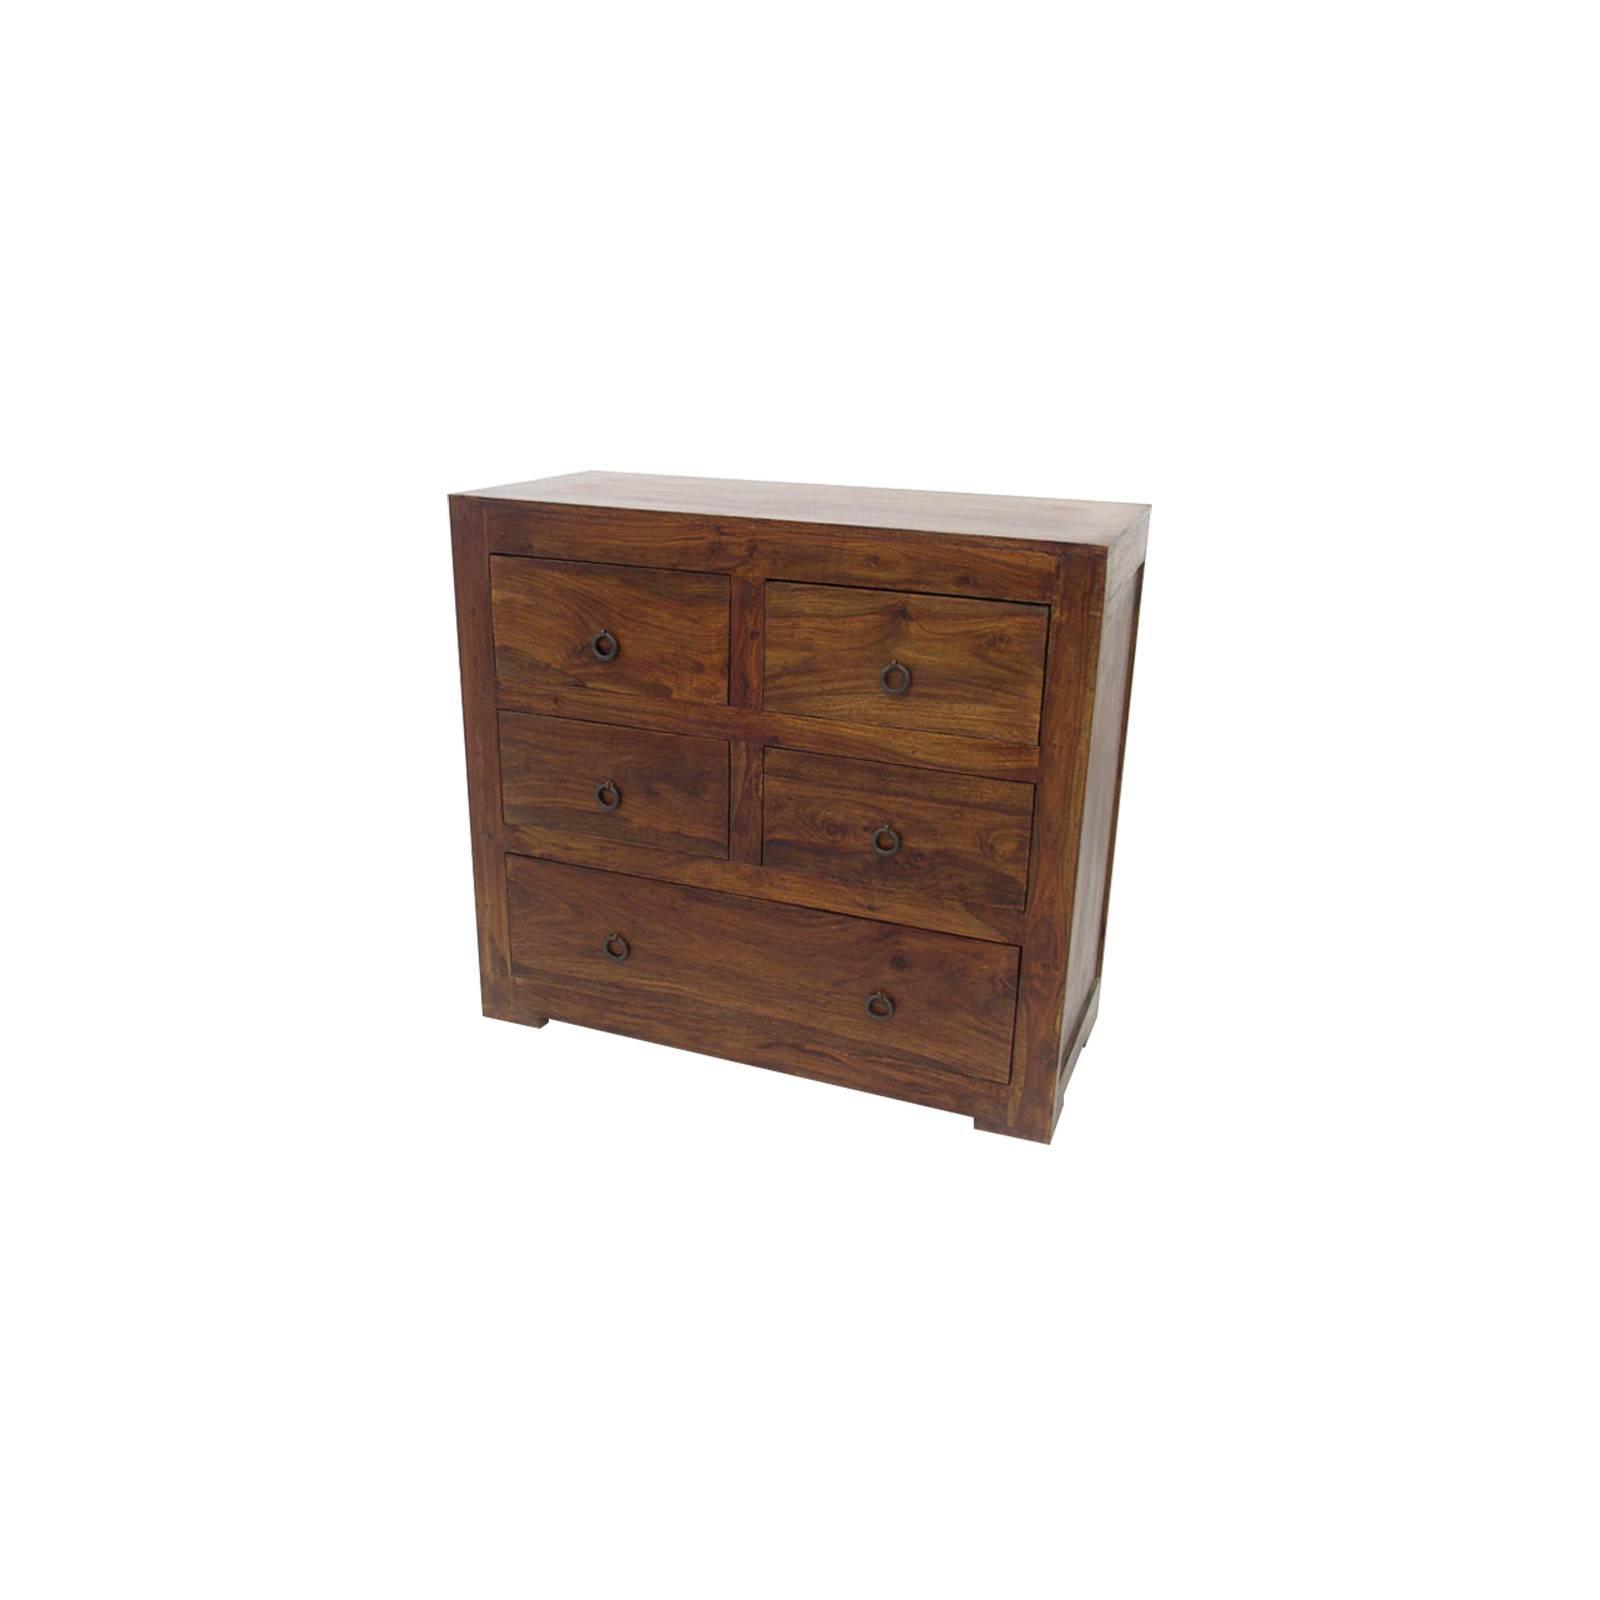 Commode Palissandre Zen - meubles bois exotique